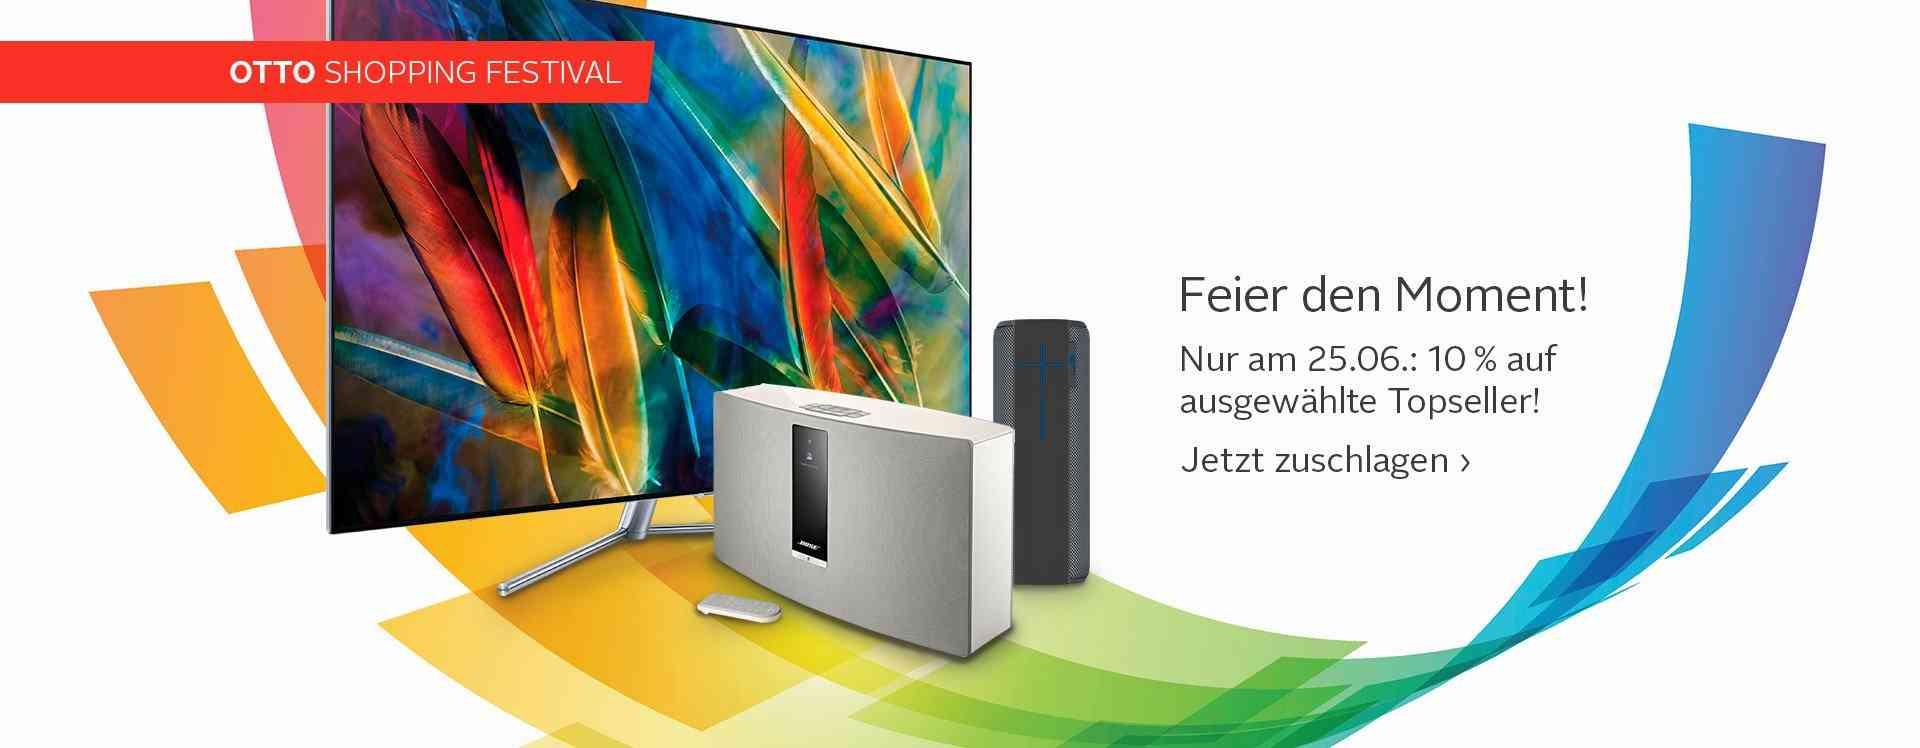 10% Rabatt bei ausgewählten TV & Audio Geräten  bei OTTO...z.B. SONOS Playbase für 719,10Euro!!